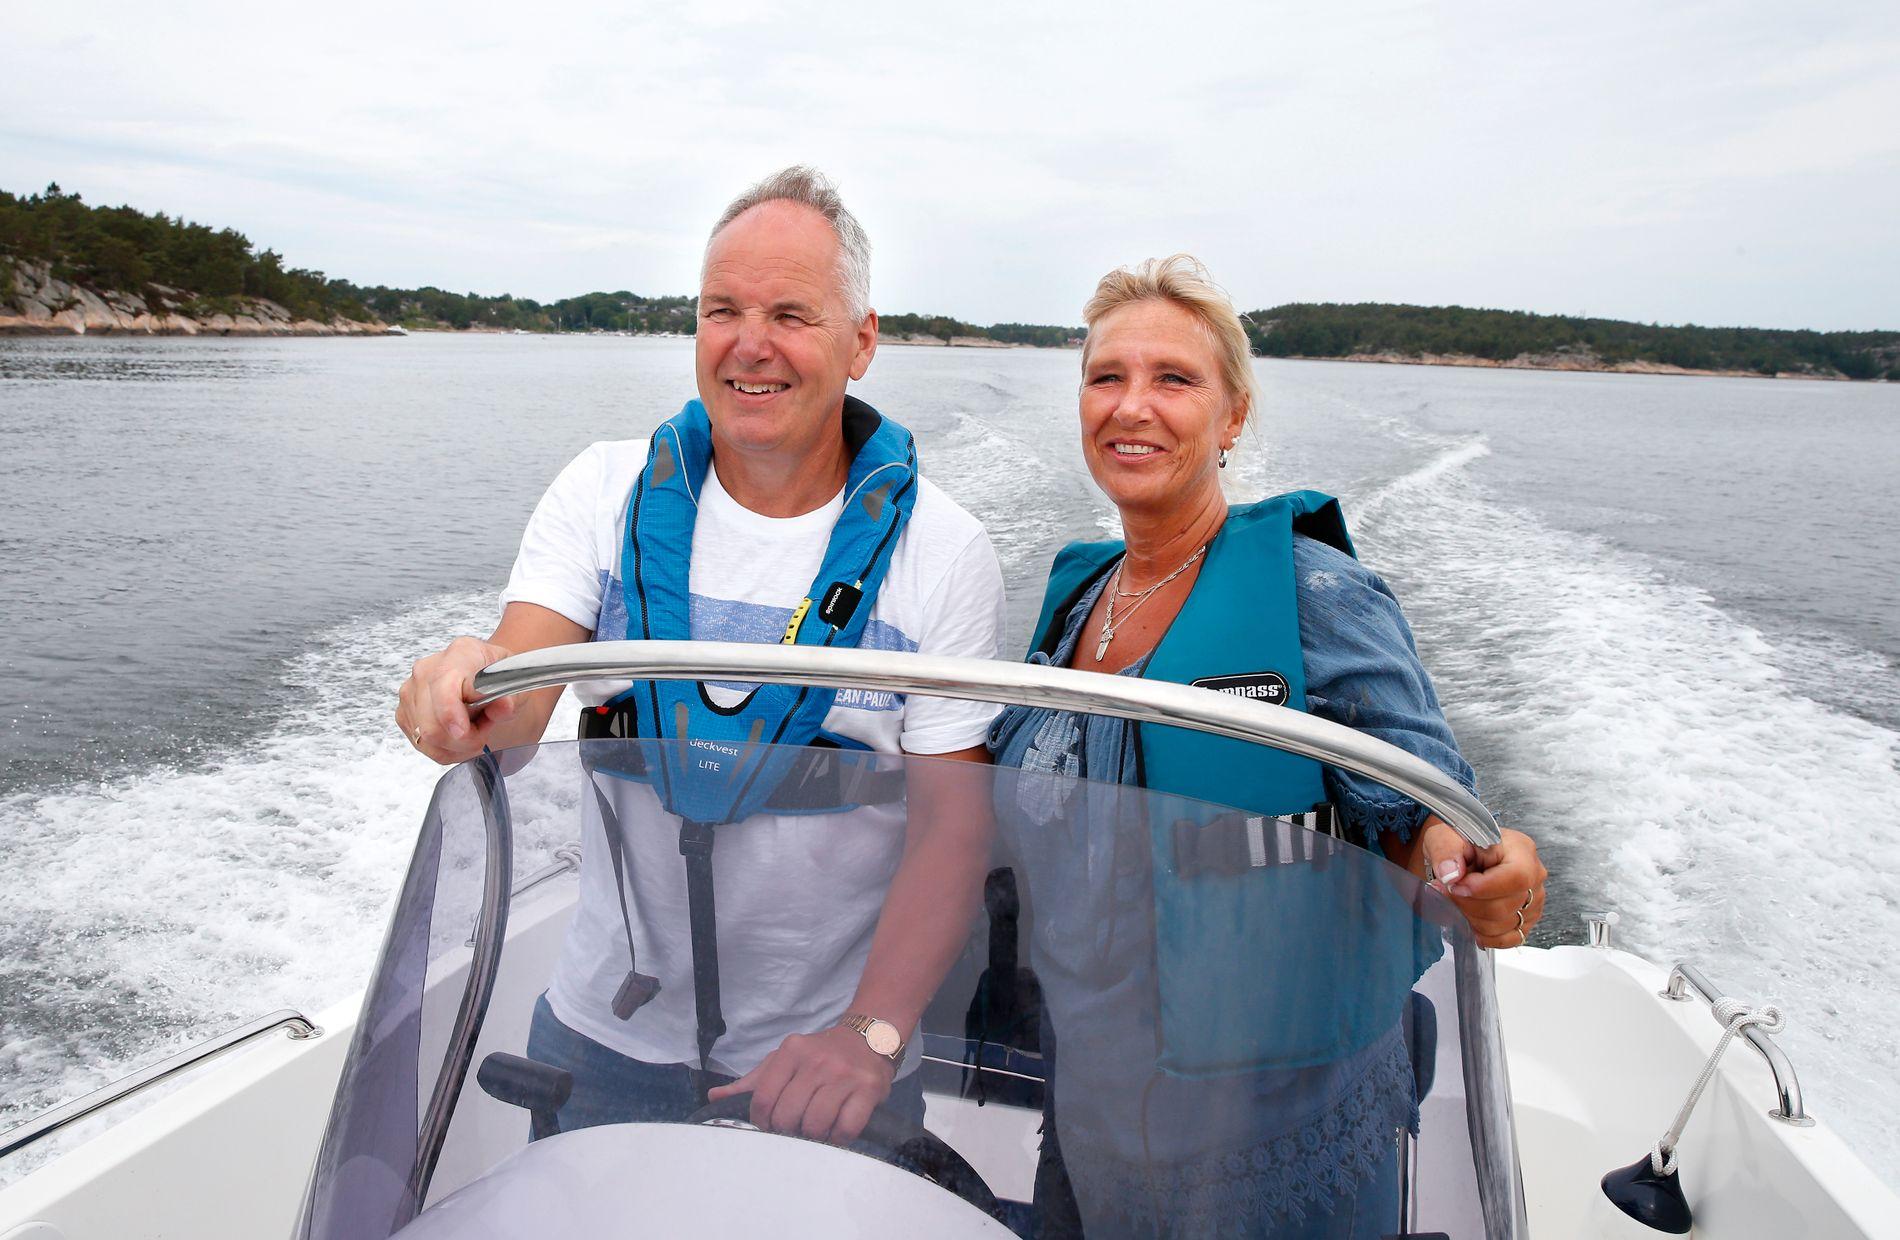 SER LYST UT: Vigdis Helén Brostrøm er per dags dato frisk. Her nyter hun en av sommerens mange båtturer sammen med ektemannen Morten Brostrøm i skjærgården på Hvaler.